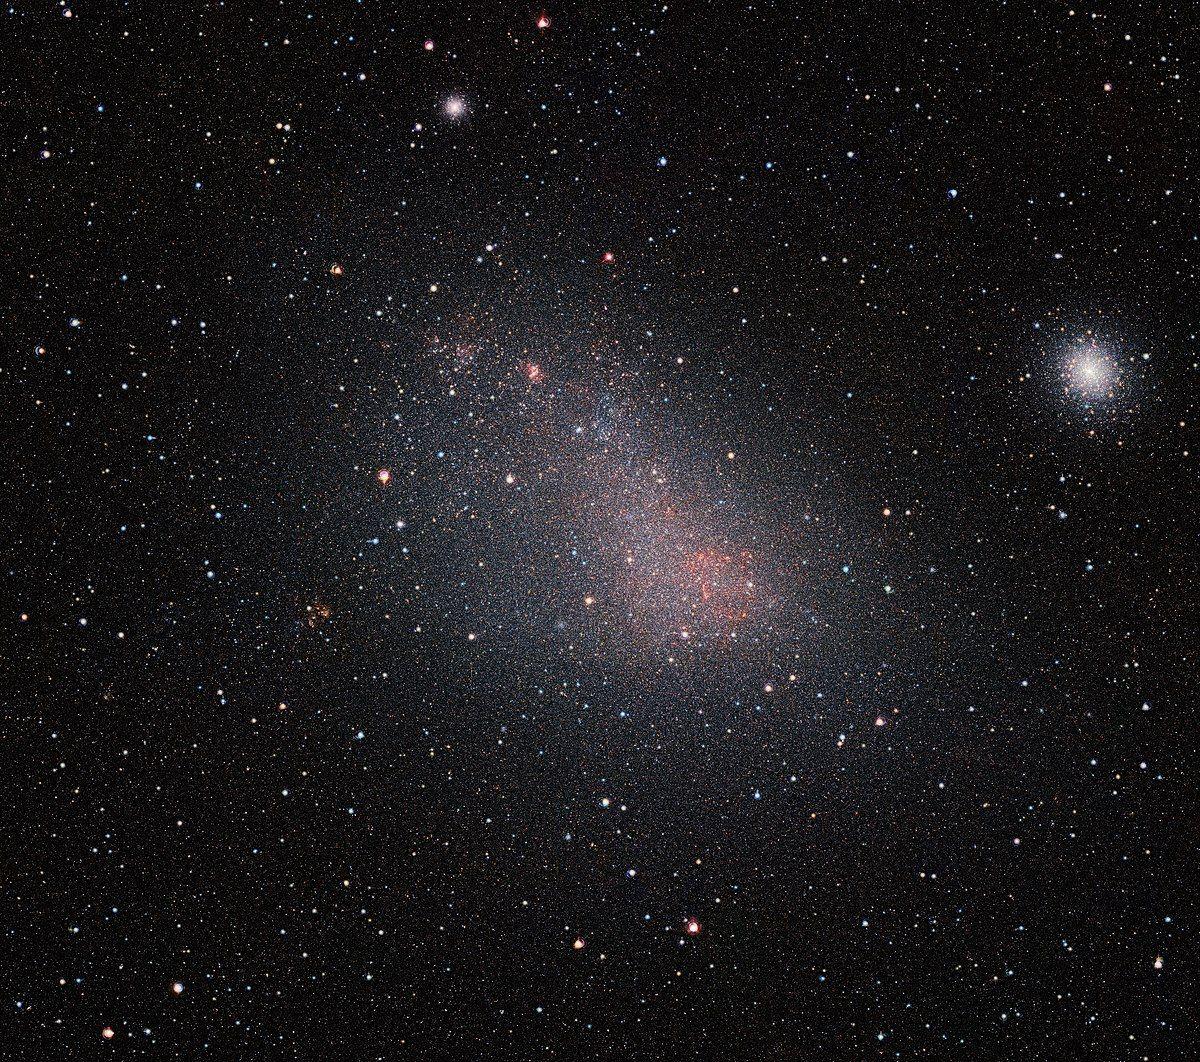 Малое Магелланово Облако раскололось на две части: астрономы